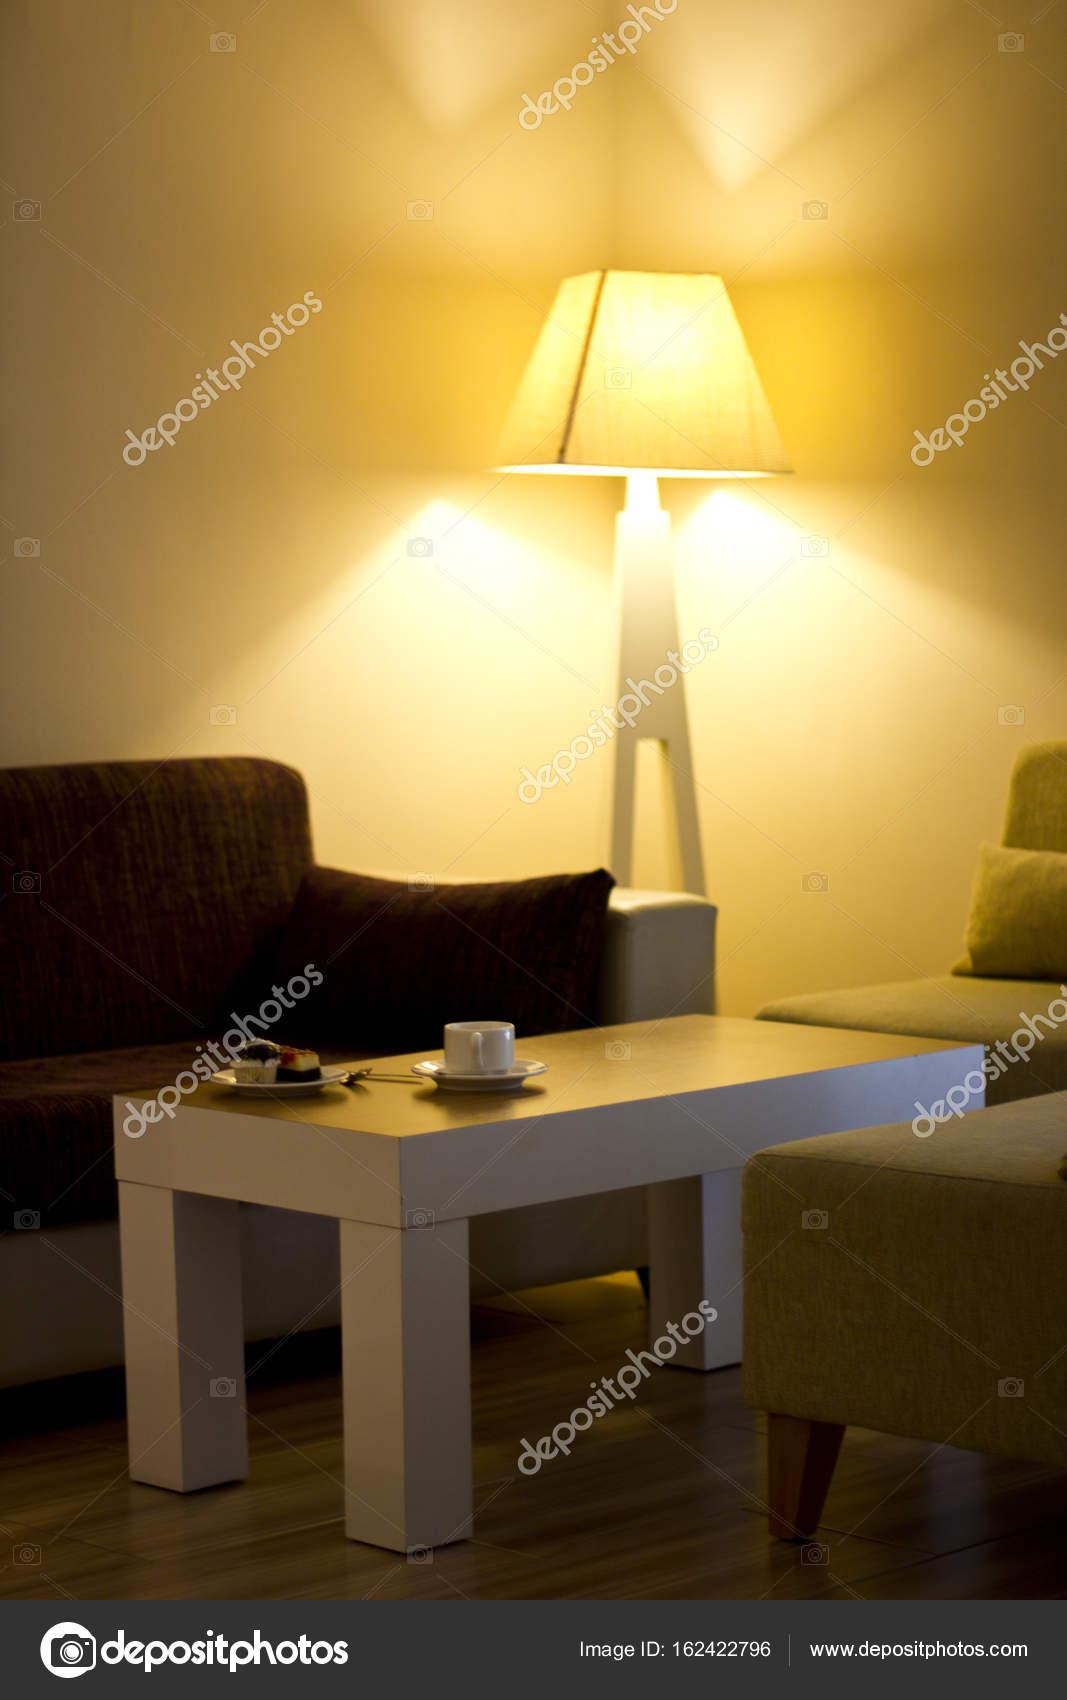 Wohnzimmer mit dem Kuchen auf den Tisch und große gelbe Lampe in der ...